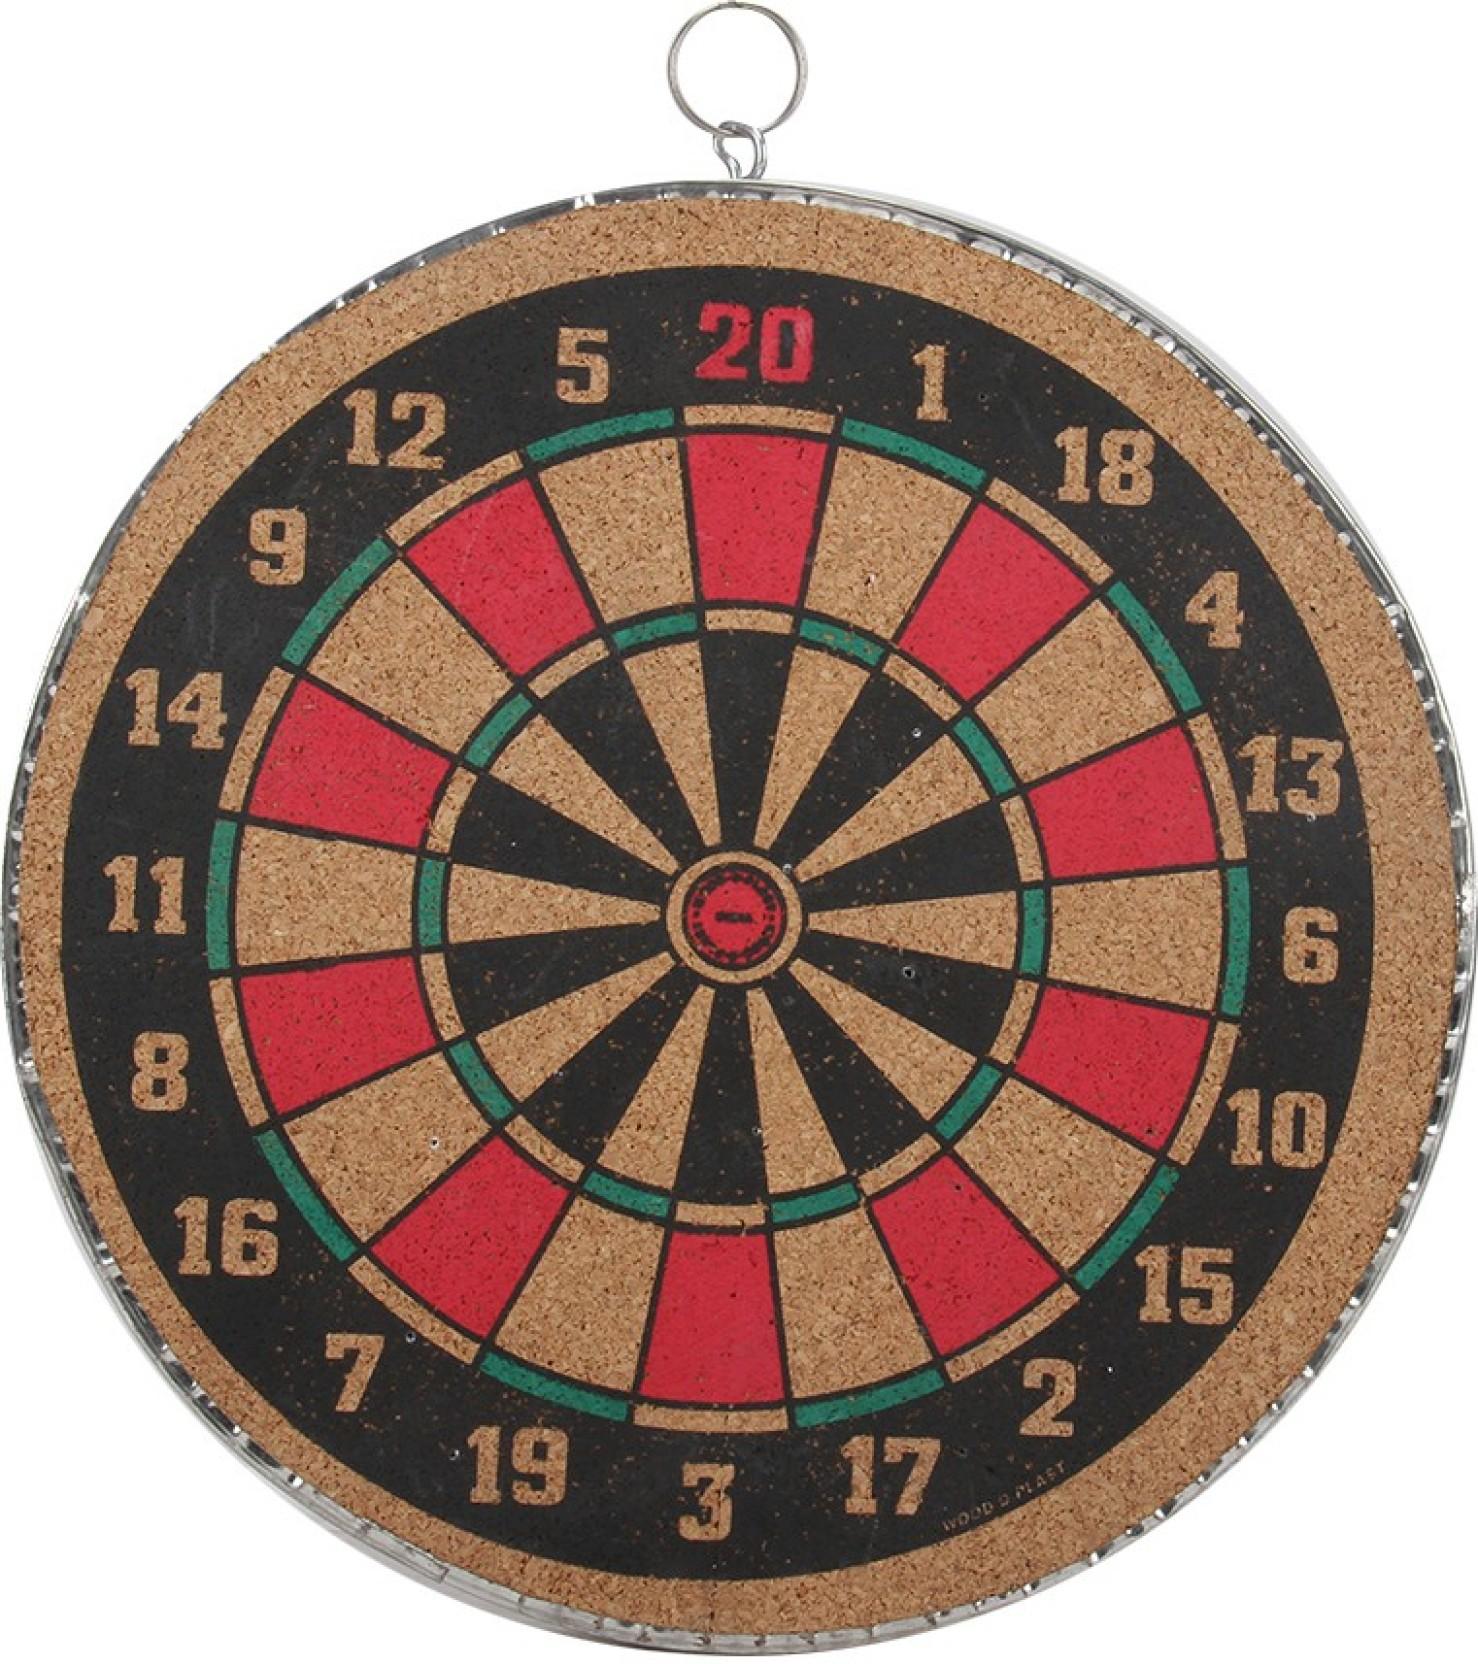 Wood O Plast Dart Board Set 12 Inch